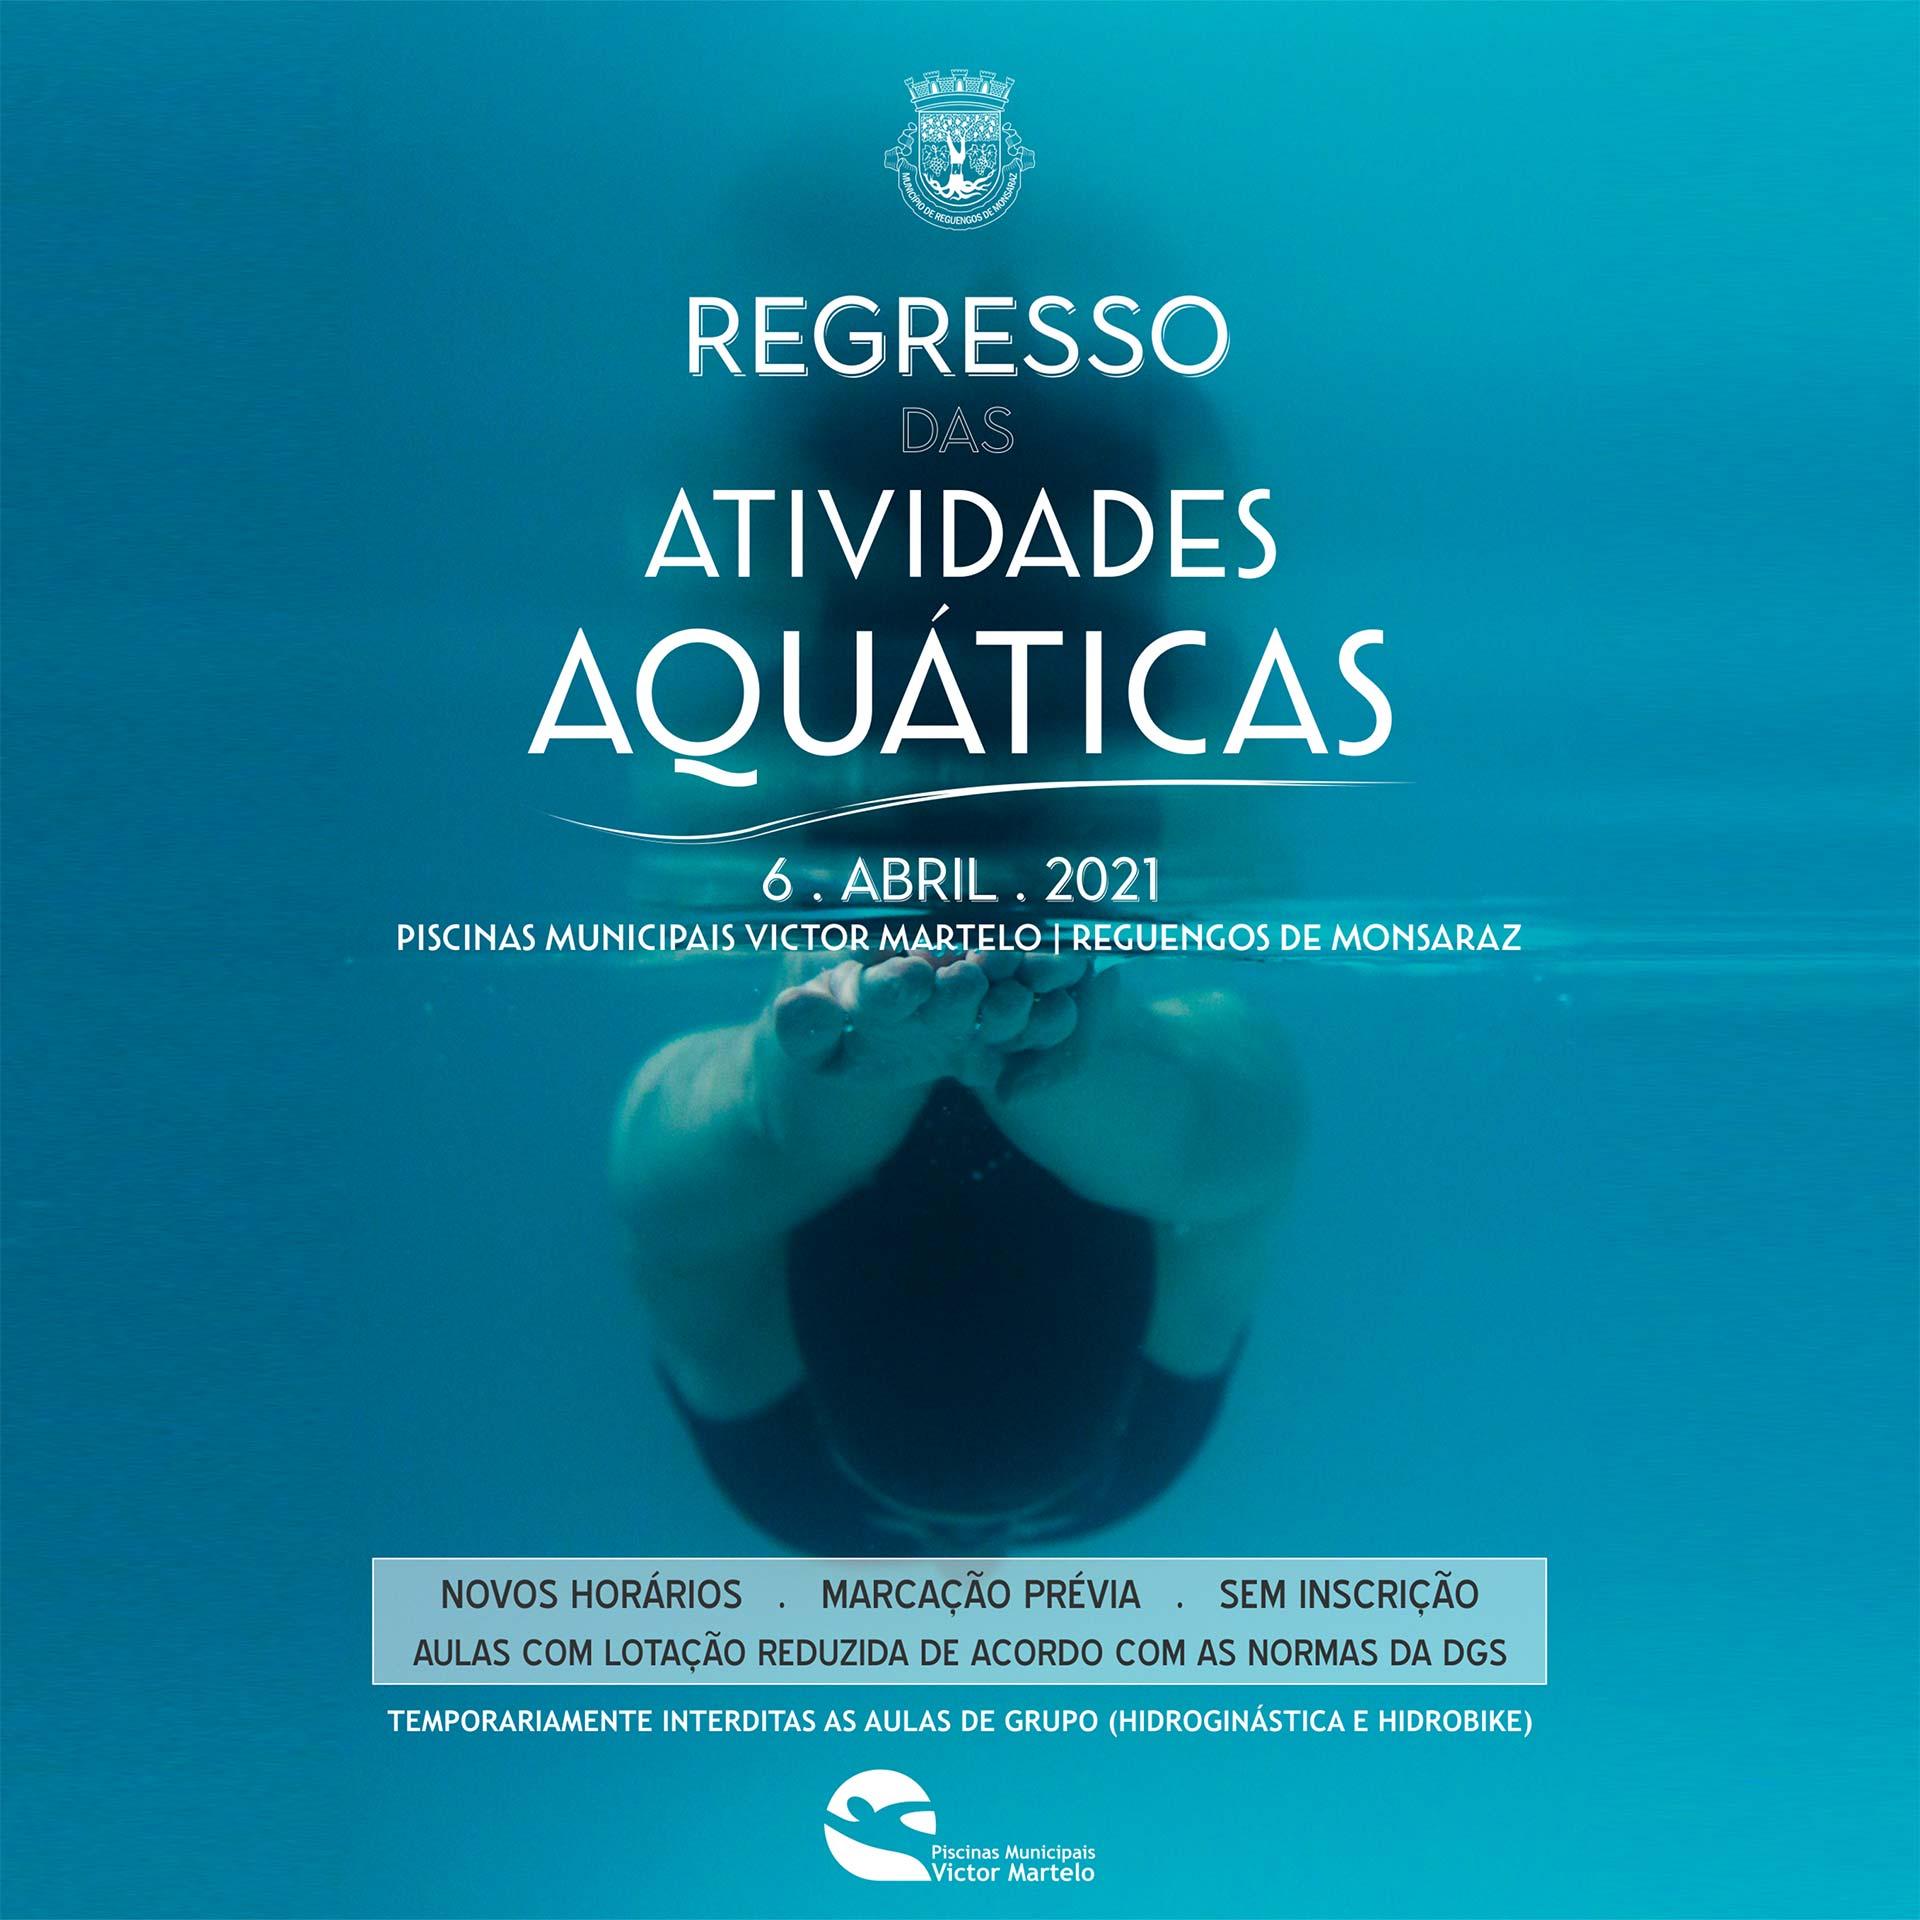 Piscinas Municipais: Regresso das atividades aquáticas a 6 de abril